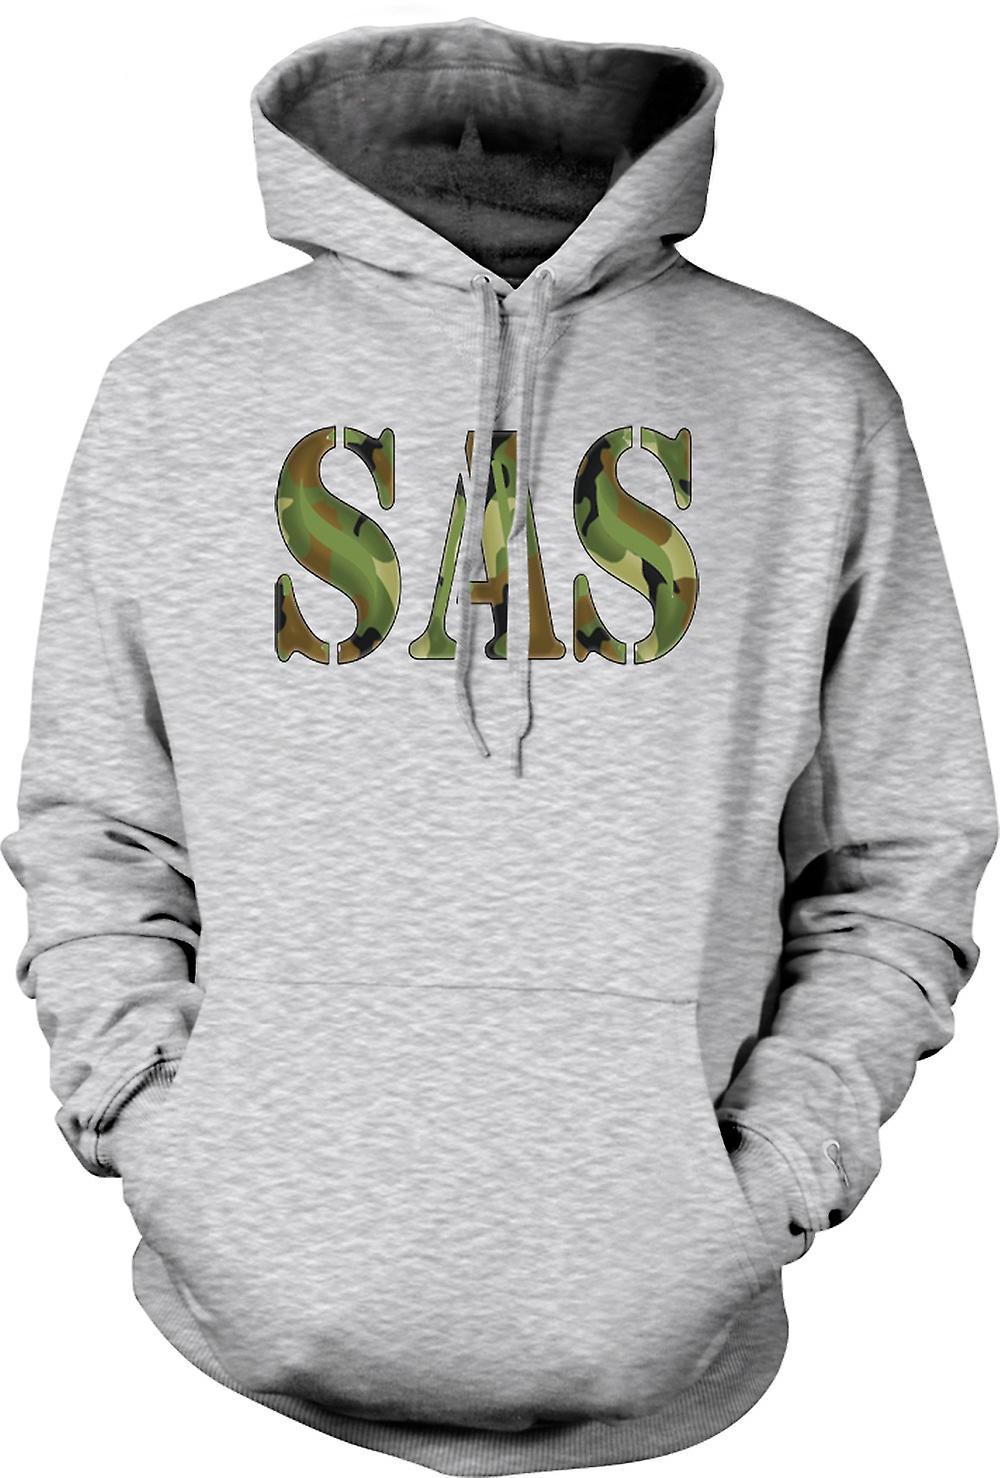 Servicio de aire especial para hombre con capucha - SAS-